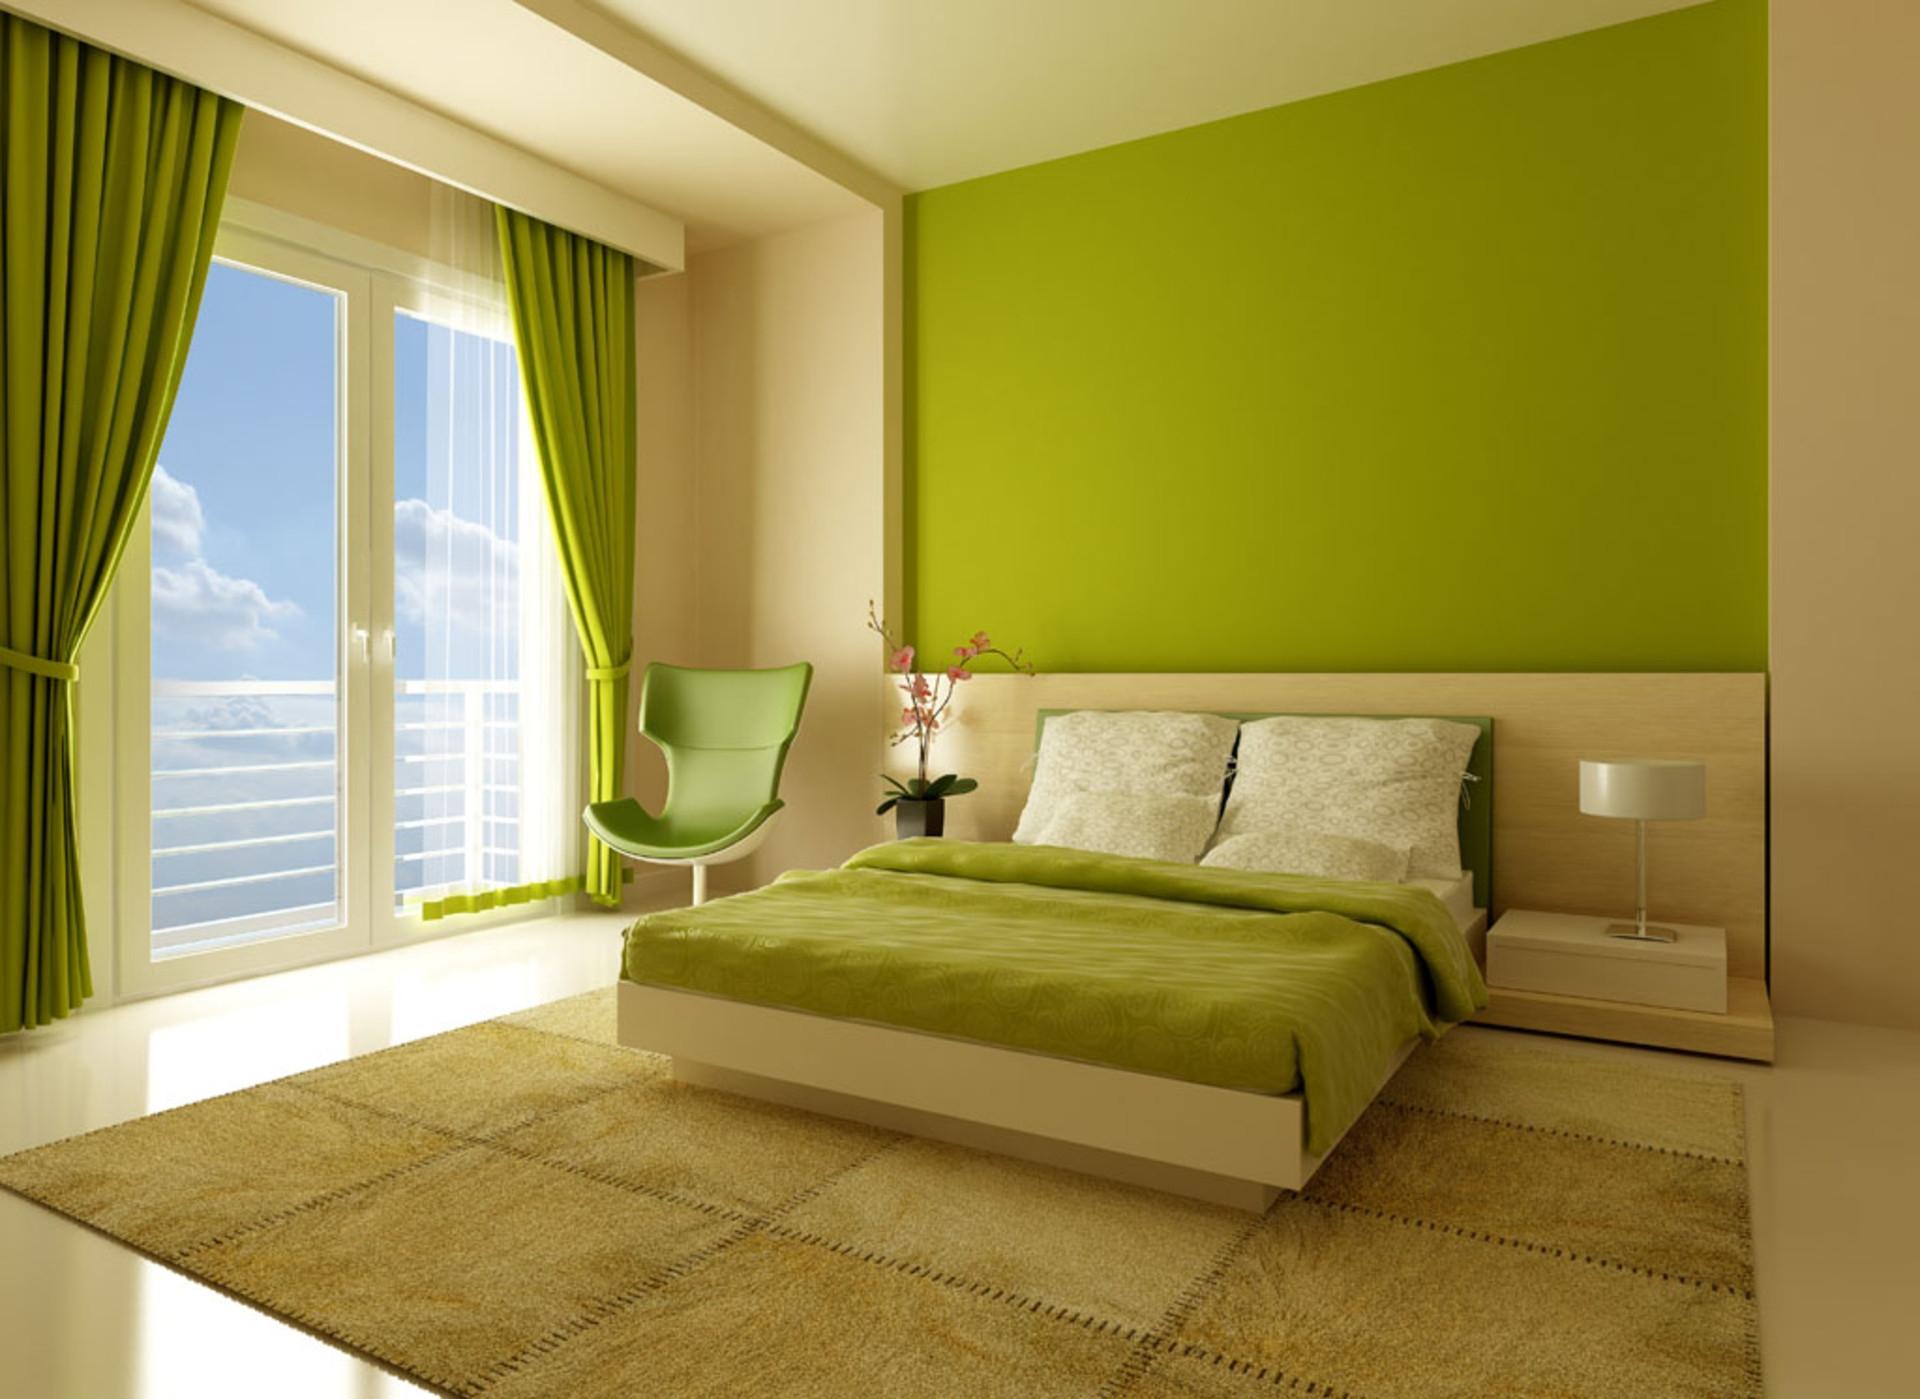 Pittura Stanza Da Letto come dipingere la camera da letto? la risposta in 15 idee